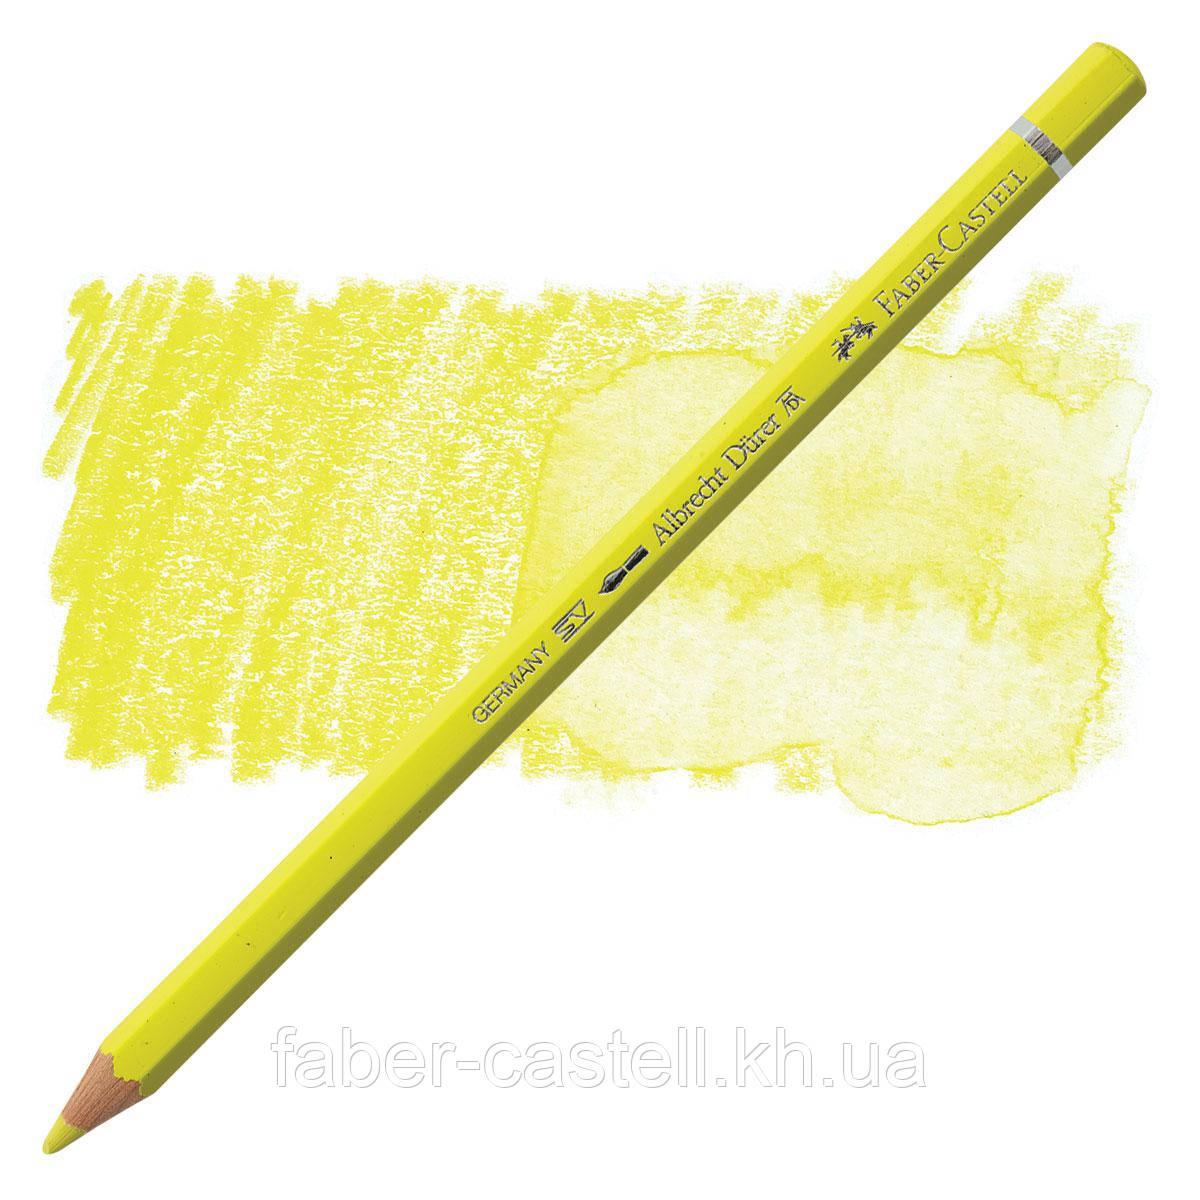 Карандаш акварельный цветной Faber-Castell Albrecht Dürer лимонный  (Light Yellow Glaze)  № 104, 117604